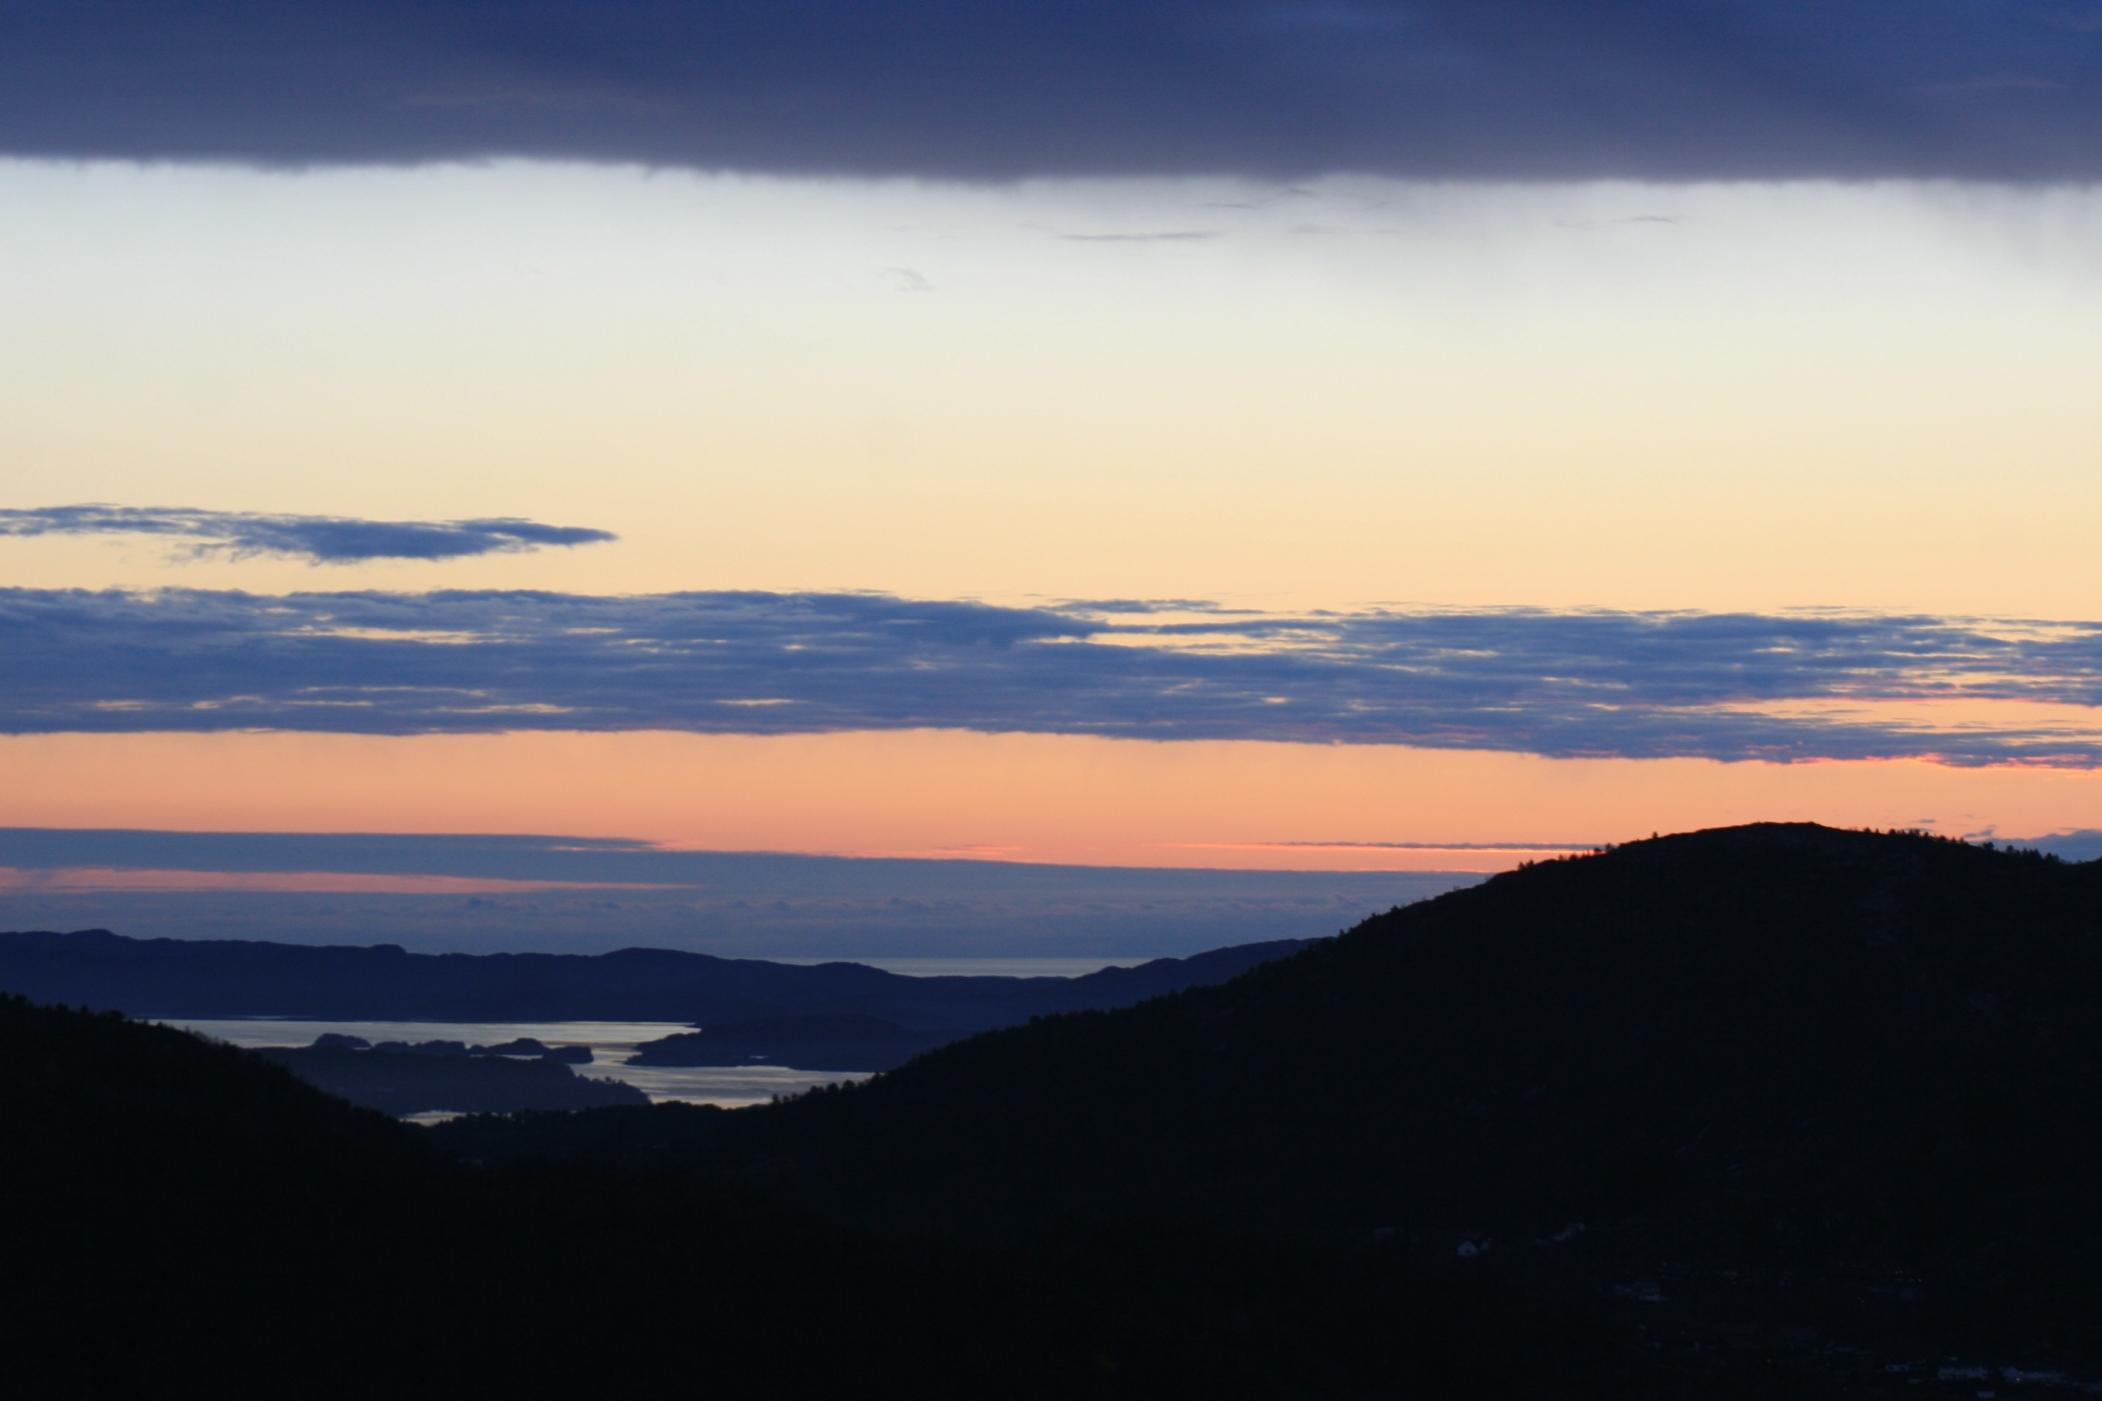 lumières sur les montagnes de Bergen, Norvège